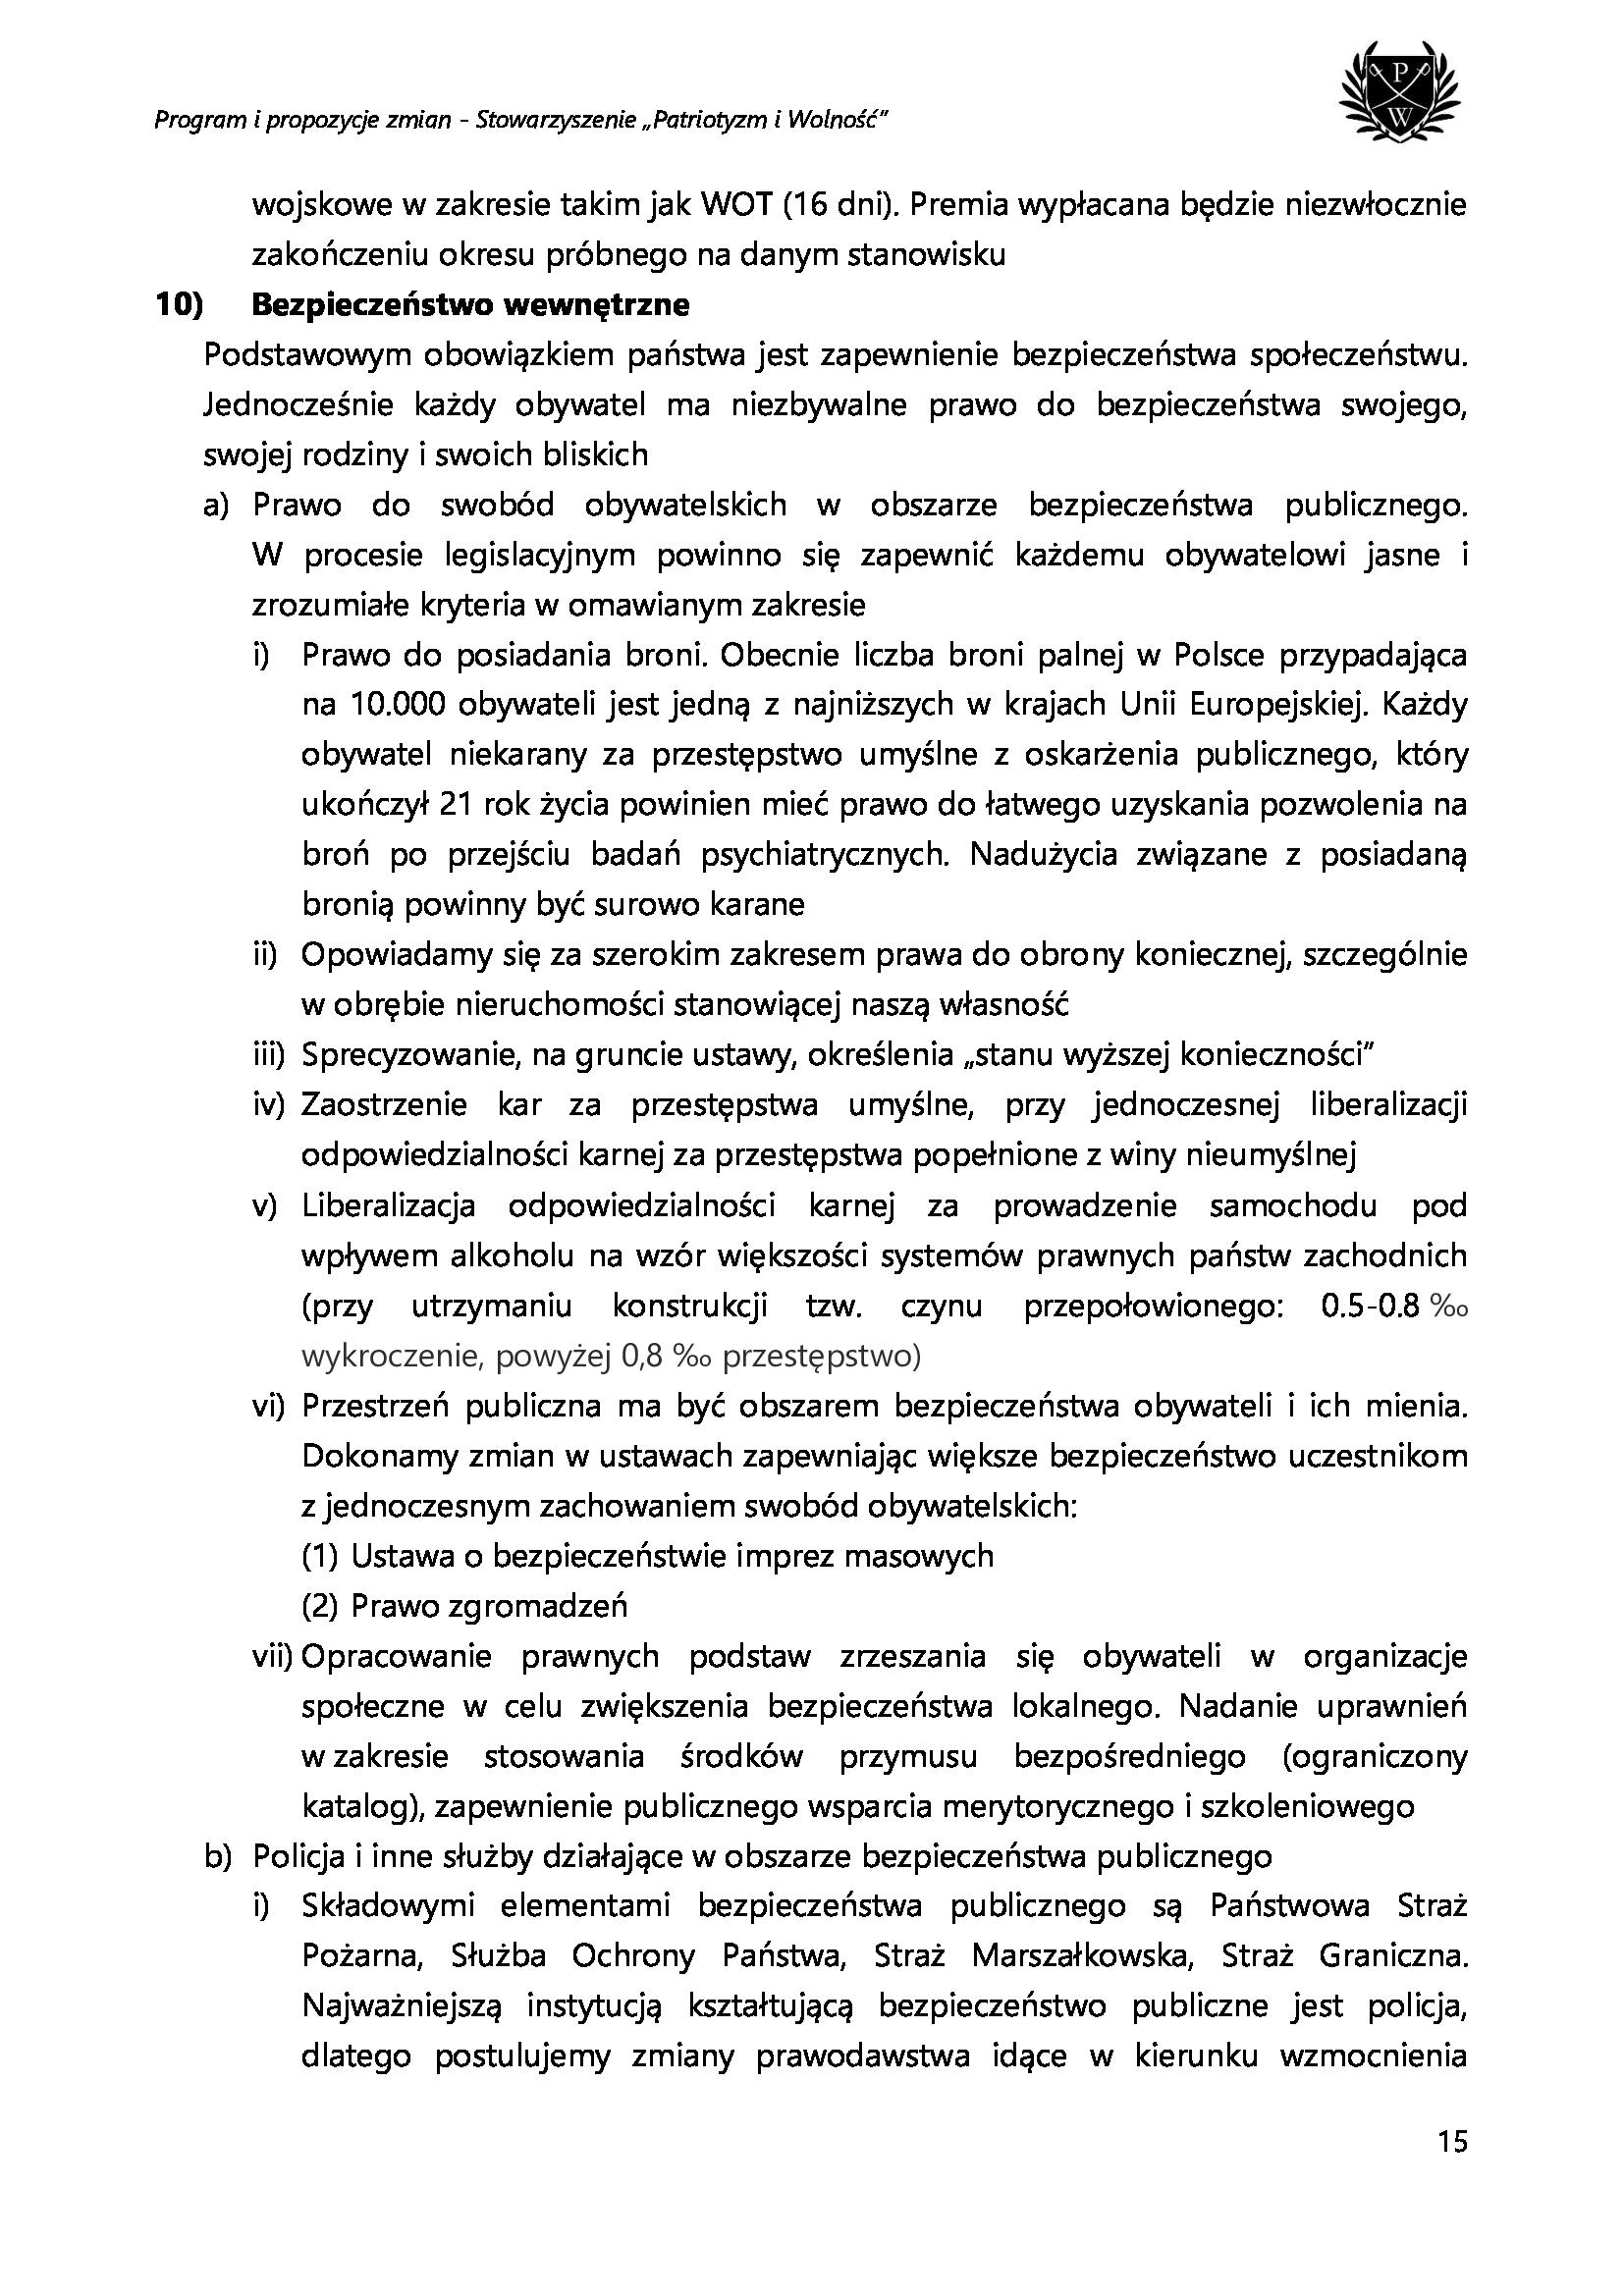 db9e272ef5a9a2e66d26f1905be6c507-15